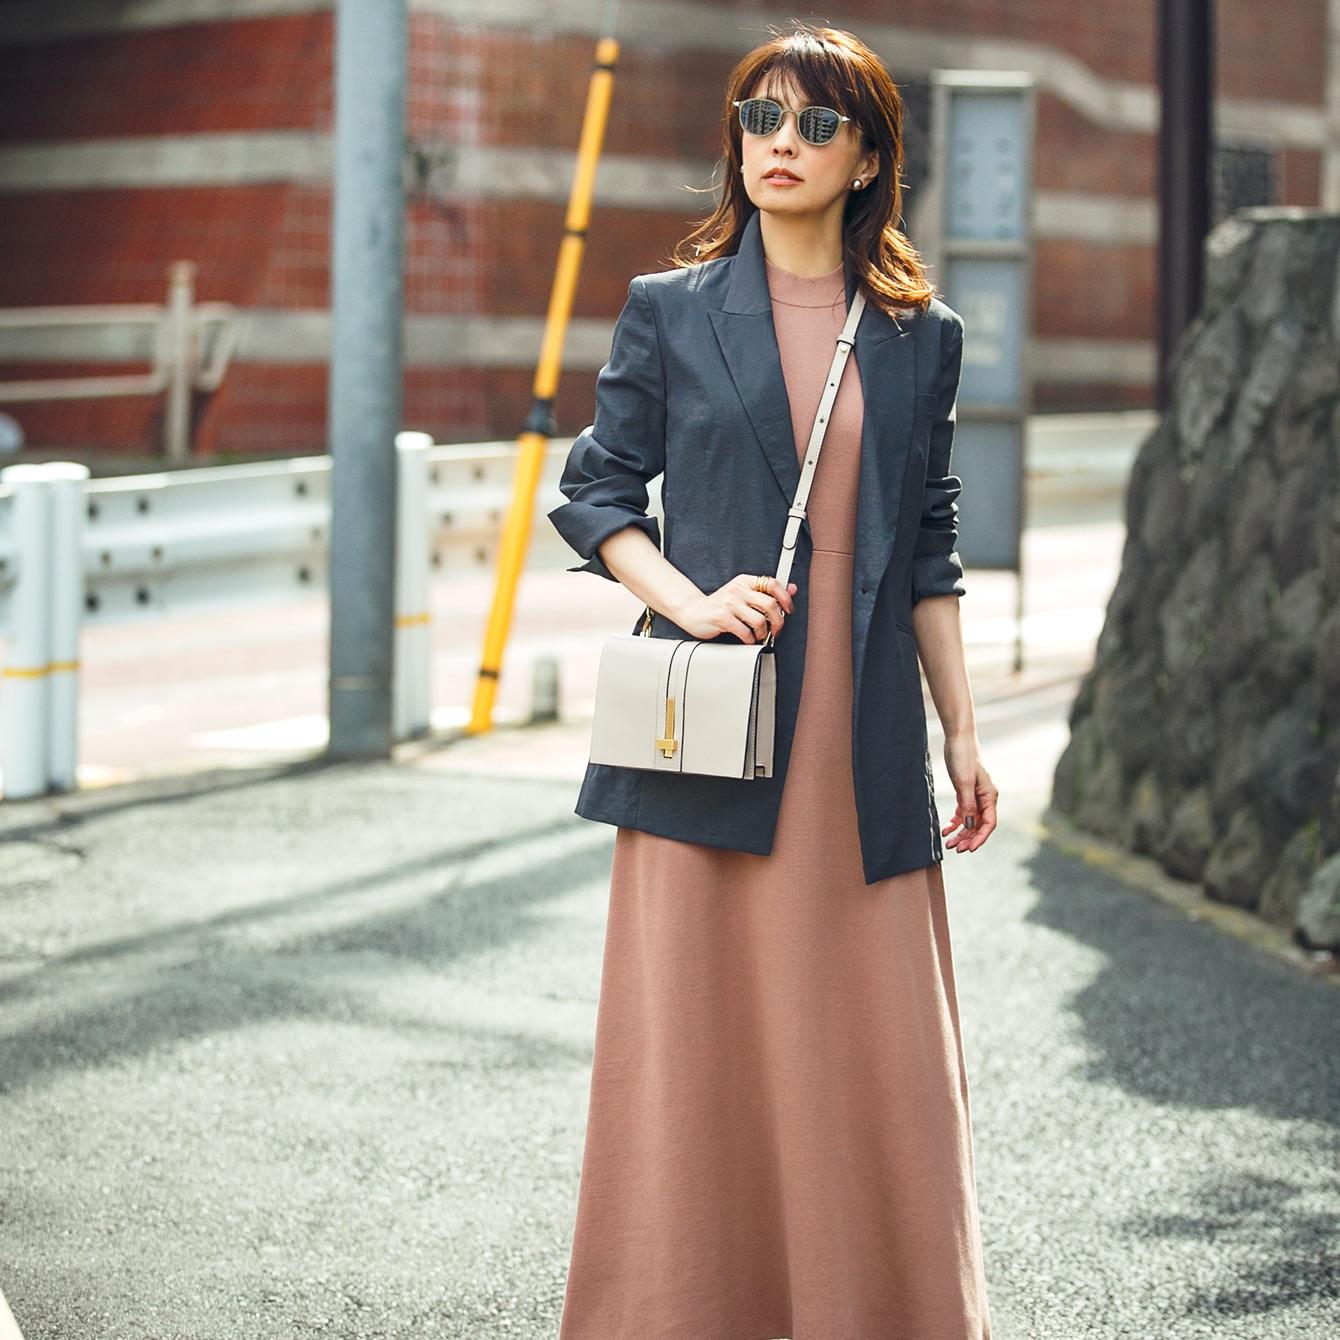 【小林麻耶】大人に必要なベーシックジャケット、おさえておきたい色、形、着方の3つのポイントとは?